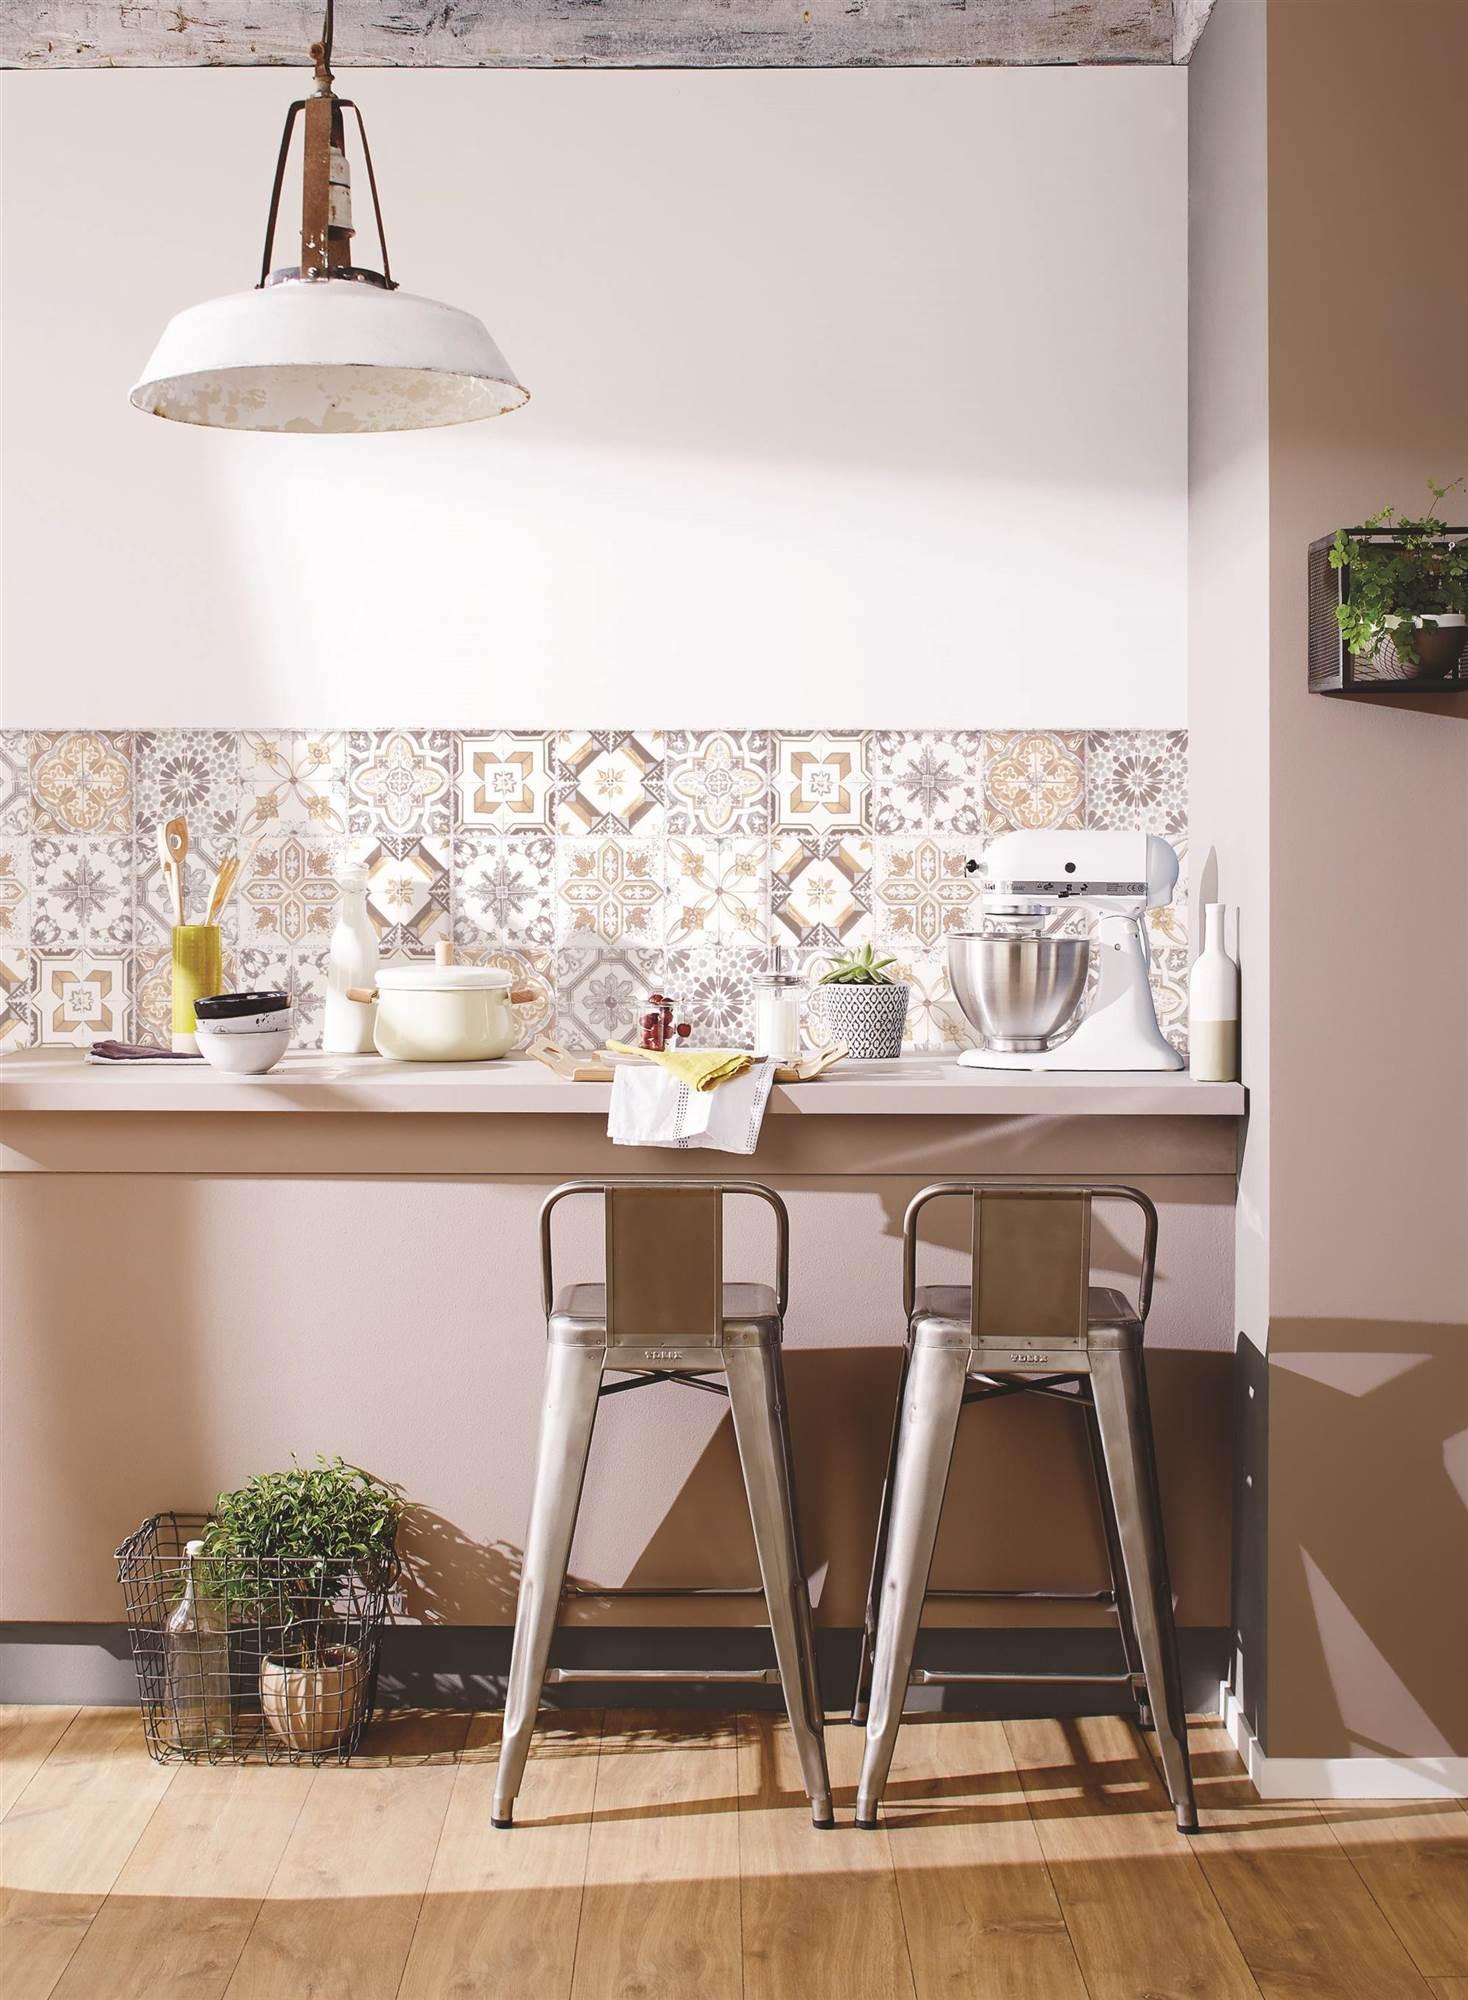 Cocinas muebles decoraci n dise o blancas o peque as elmueble - Papel pintado en cocina ...